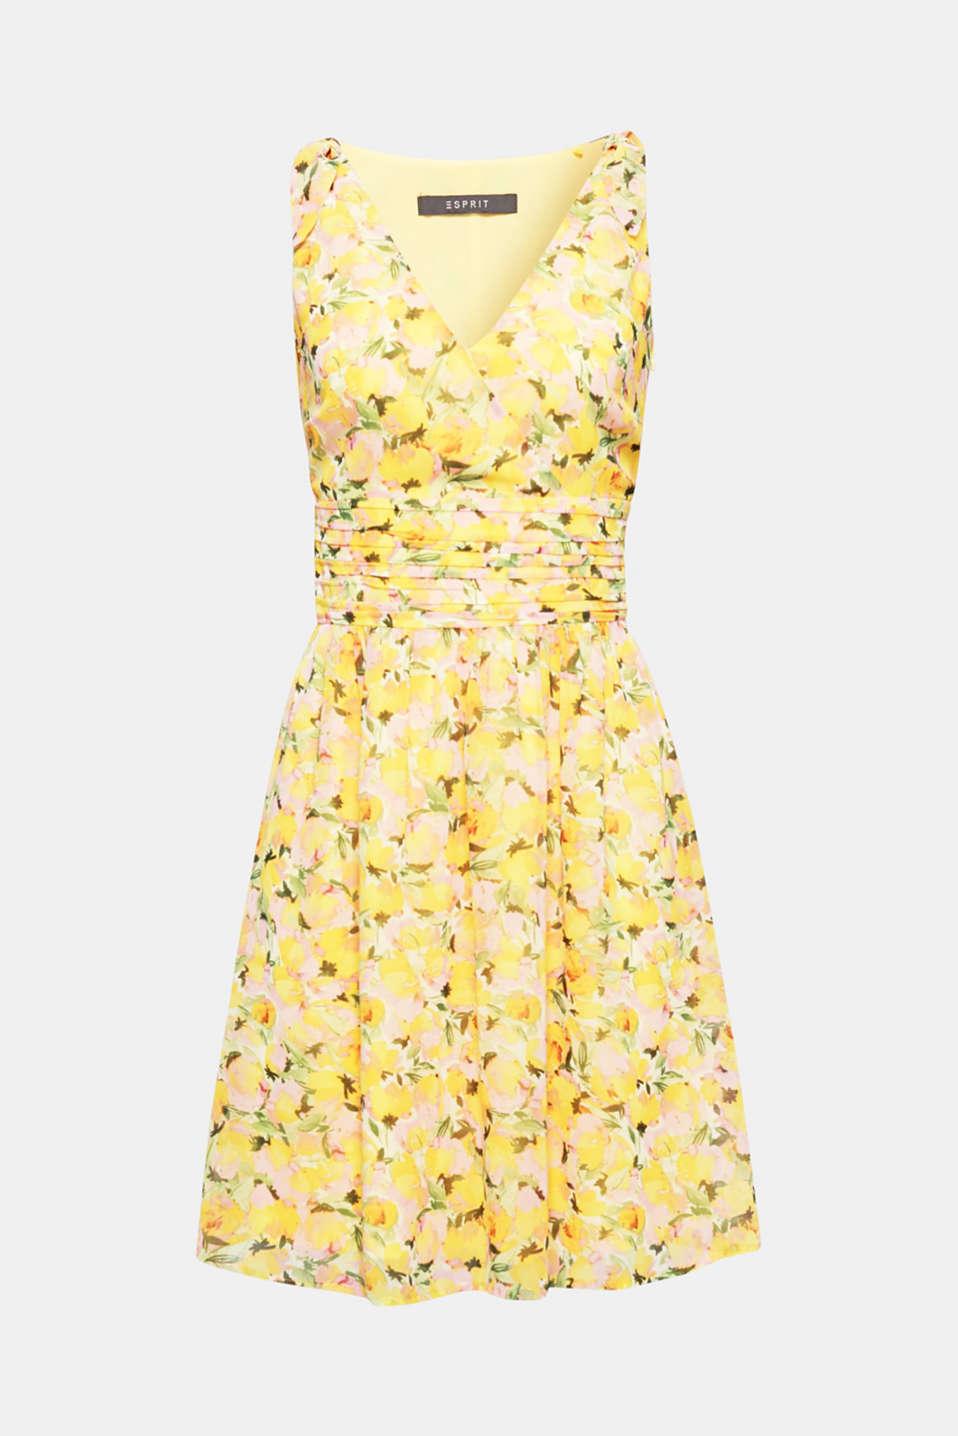 Aux éclatantes couleurs estivales ! Cette robe féminine à fleurs séduit par ses nœuds et sa large ceinture à la taille.